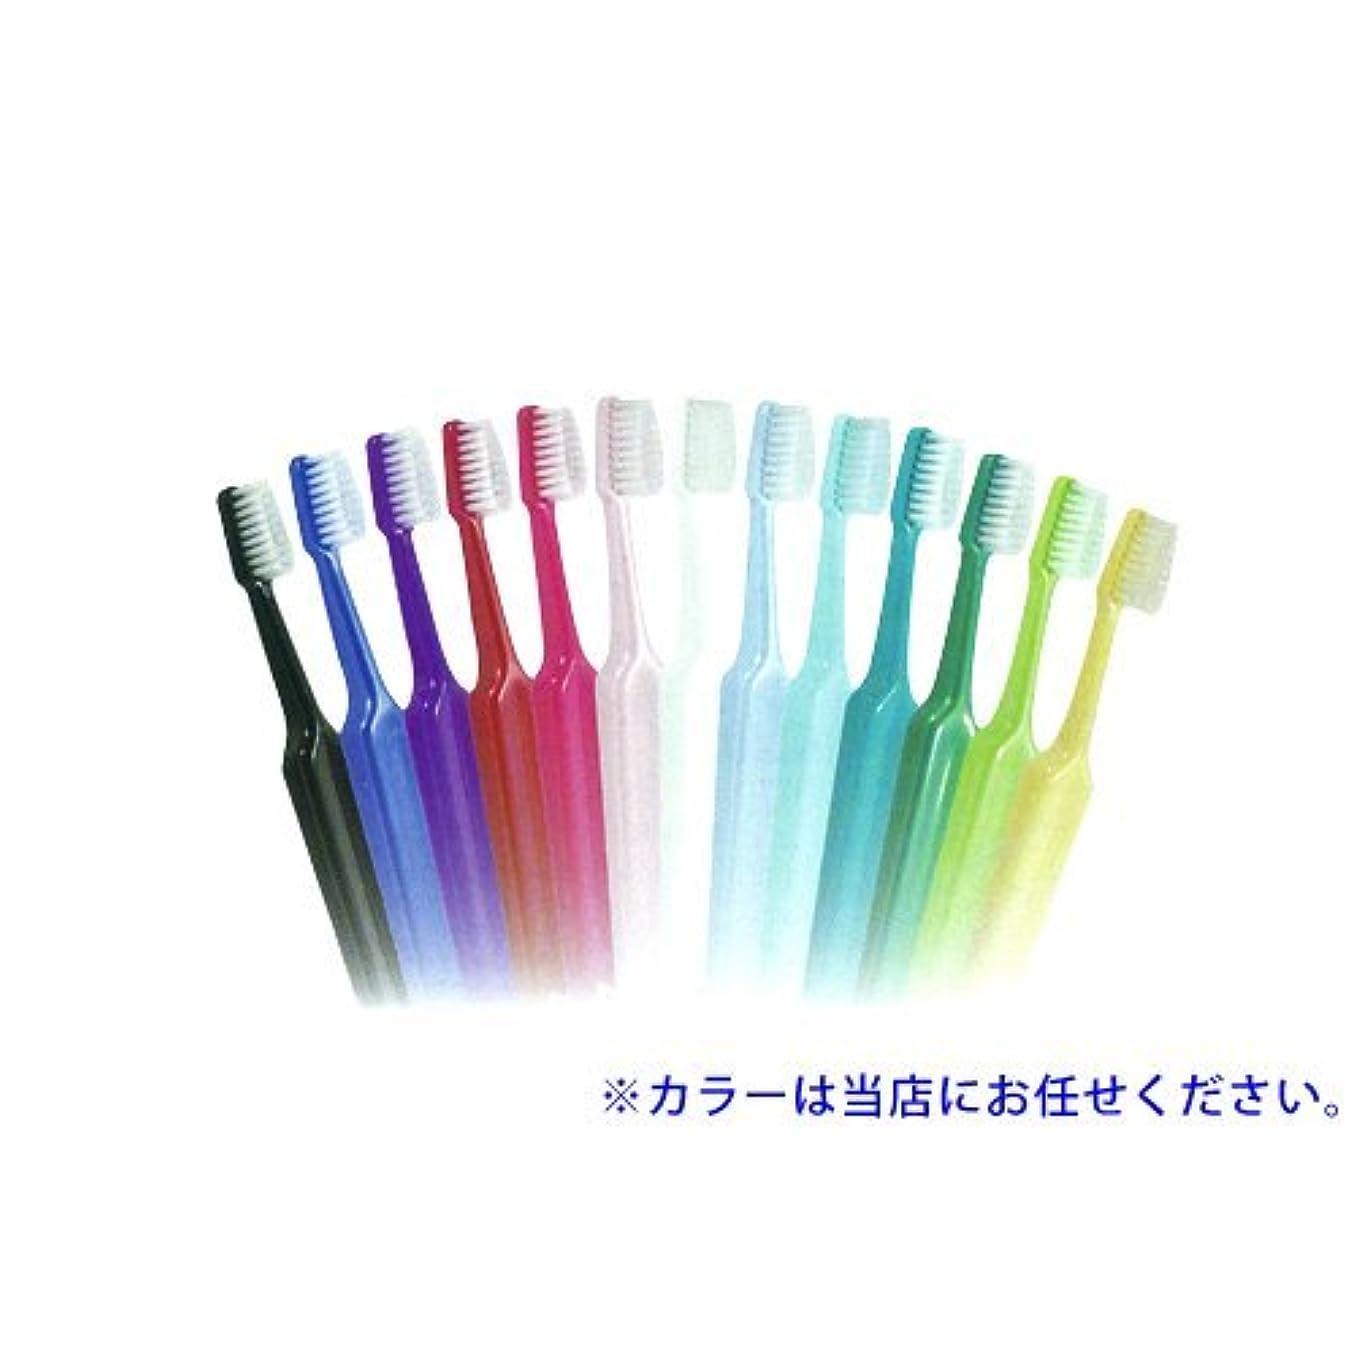 六月フレキシブル考えクロスフィールド TePe テペ セレクト 歯ブラシ 1本 エクストラソフト